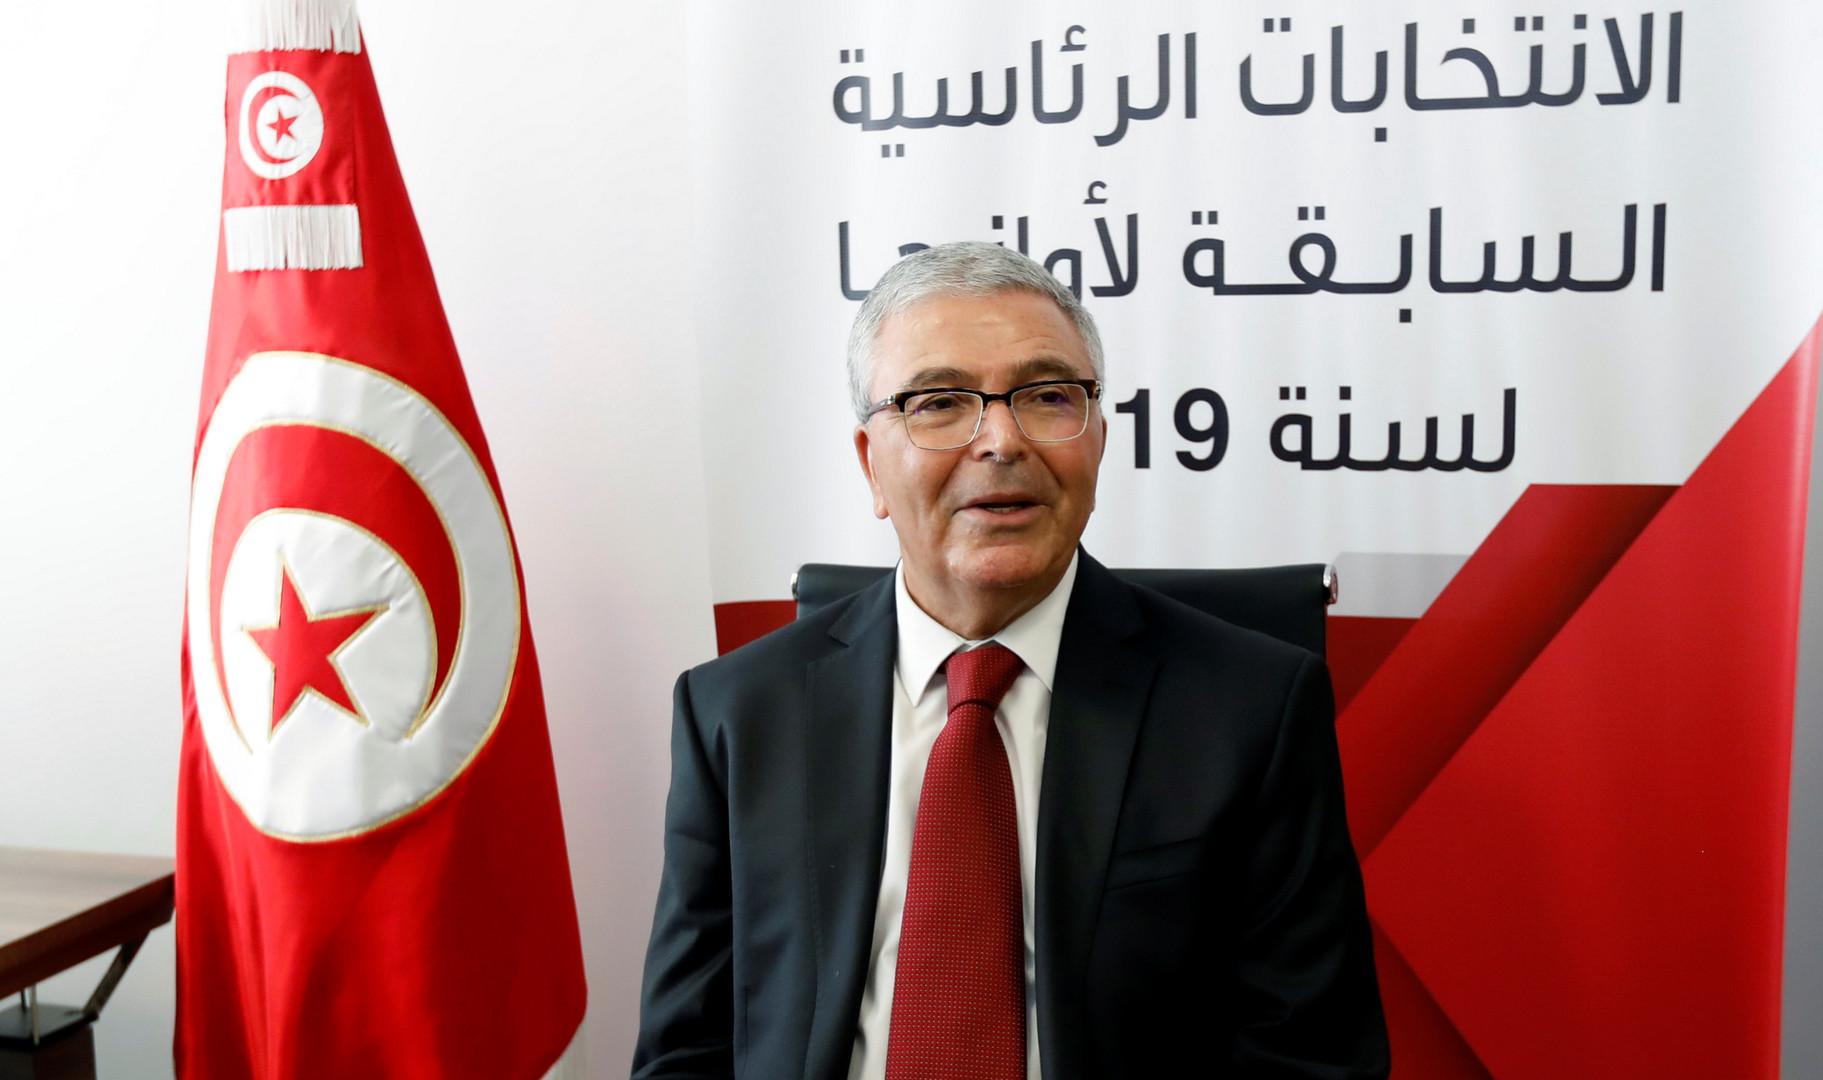 وزير الدفاع التونسي السابق يكشف عن إحباط محاولة انقلابية على السبسي